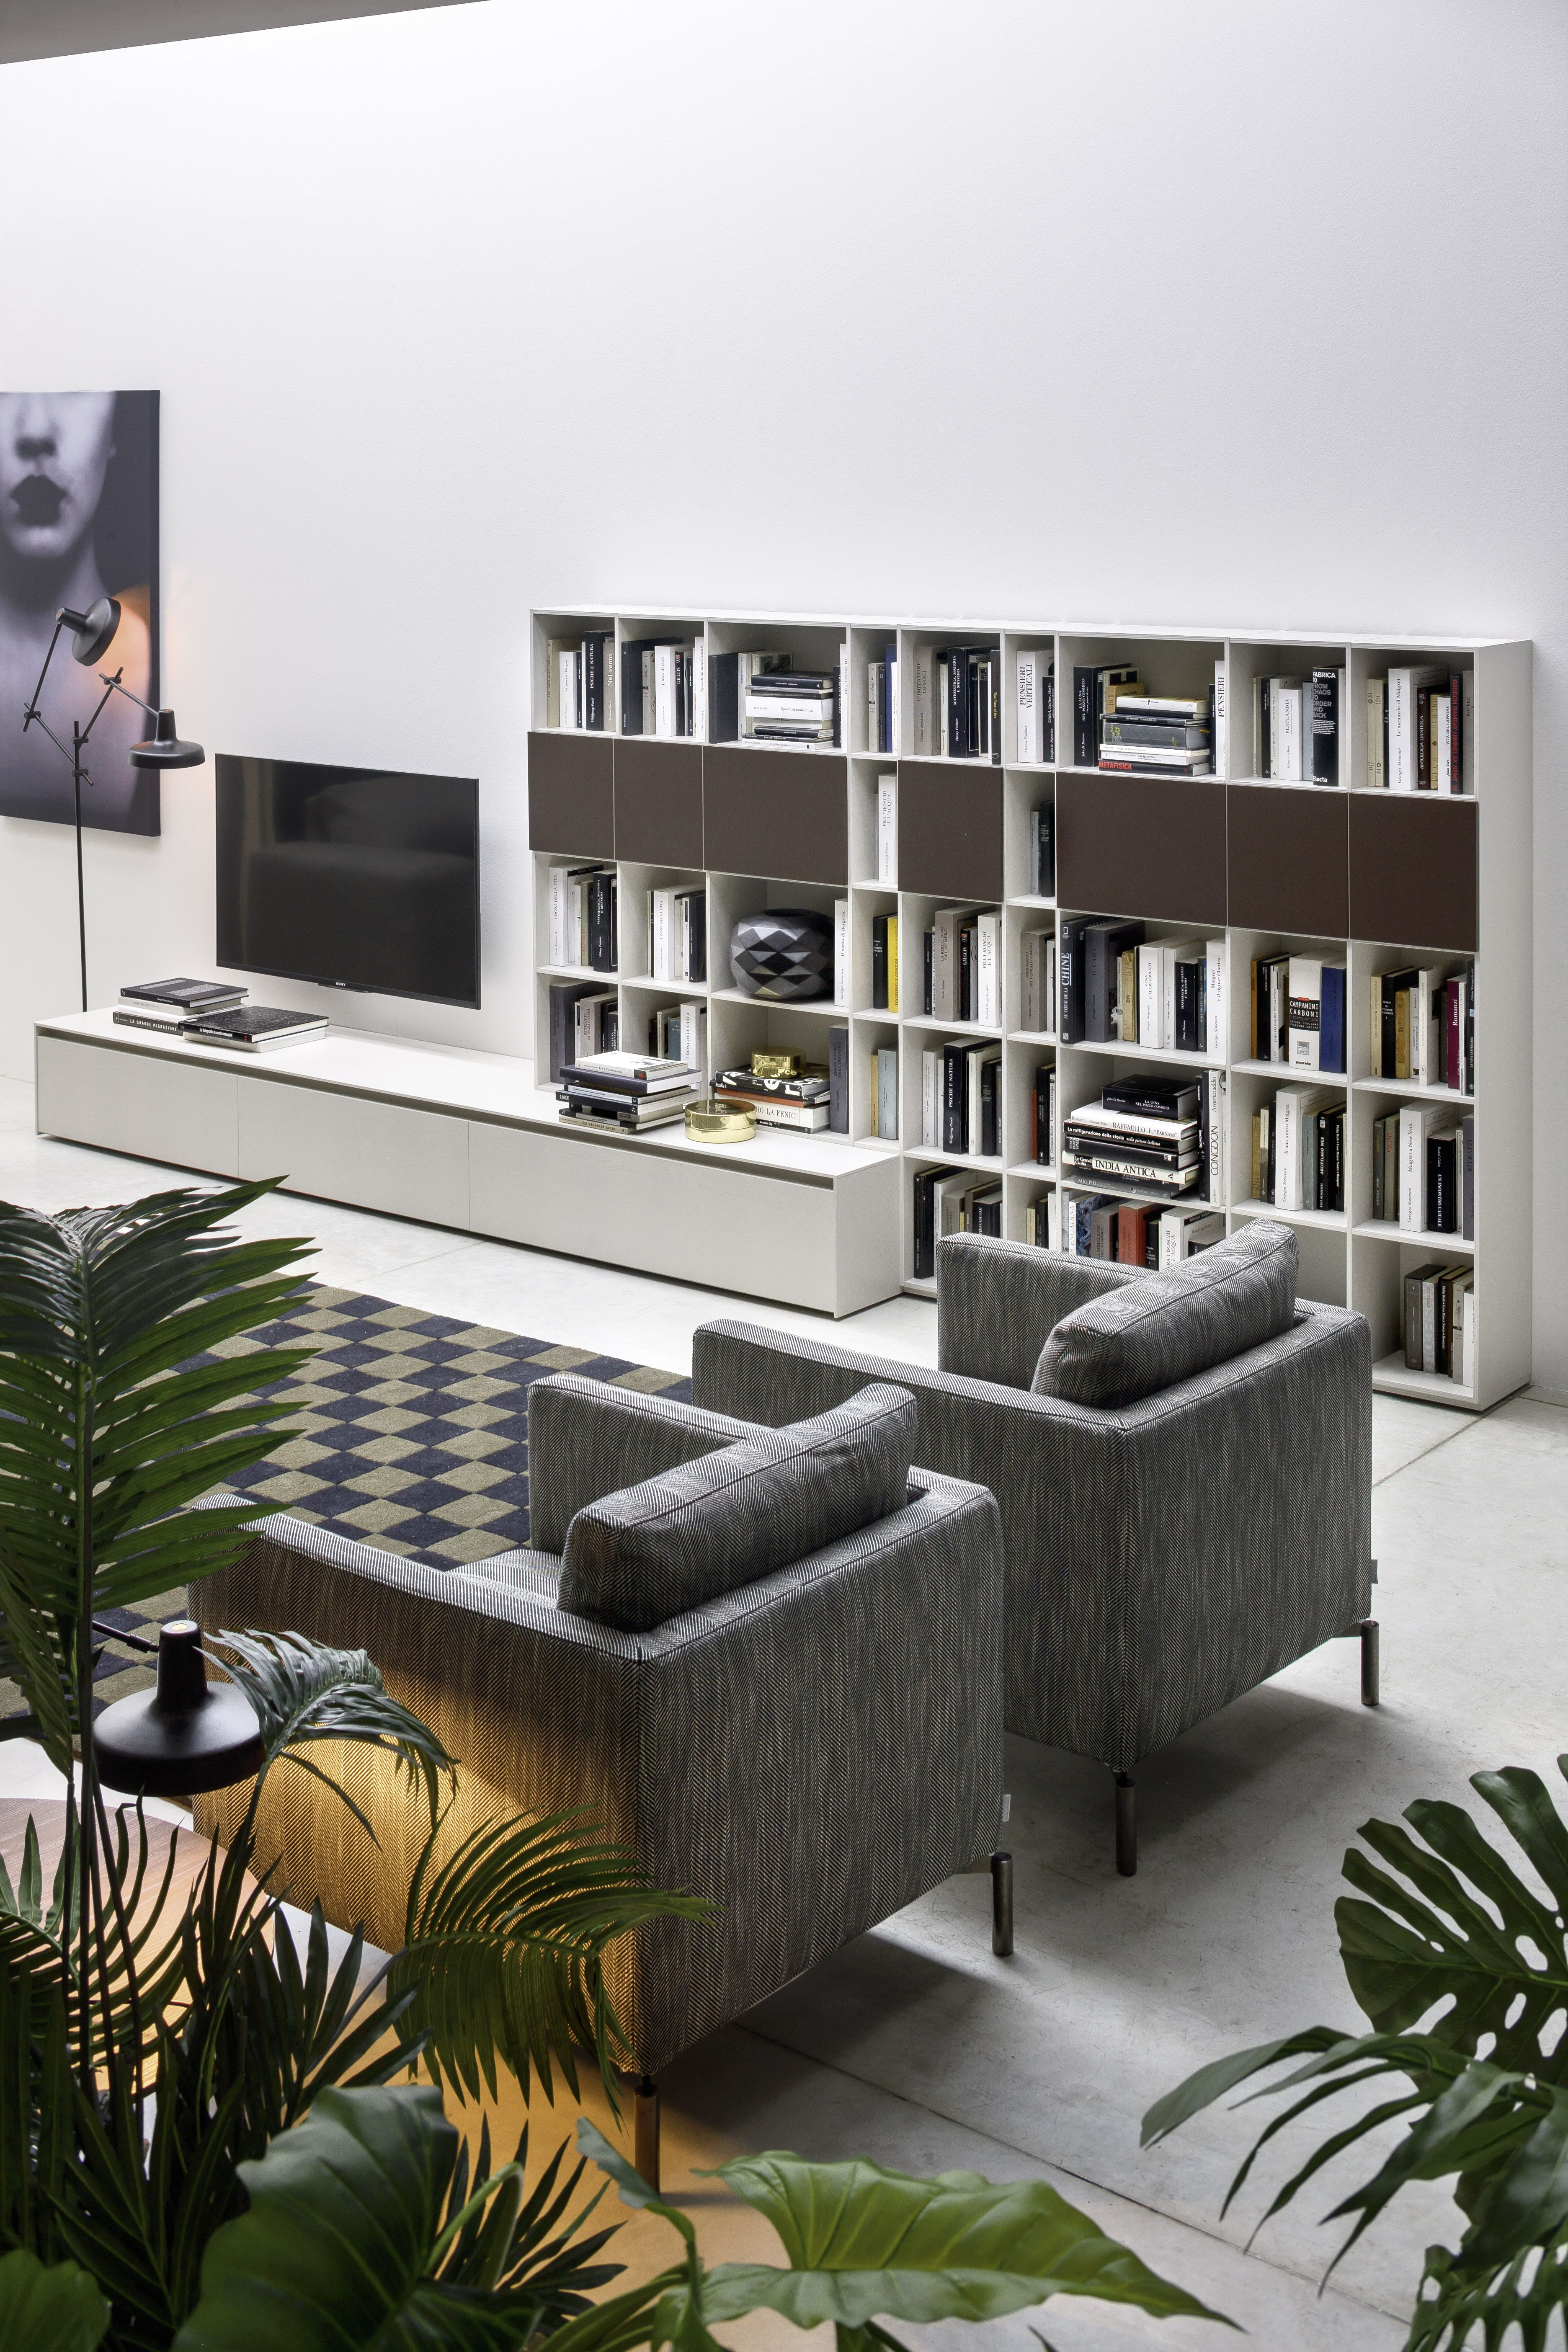 Gemtlich Wohnzimmer Mit Sessel Bcherregal TV Lowboard Und Pflanzen Design Novamobili Italien